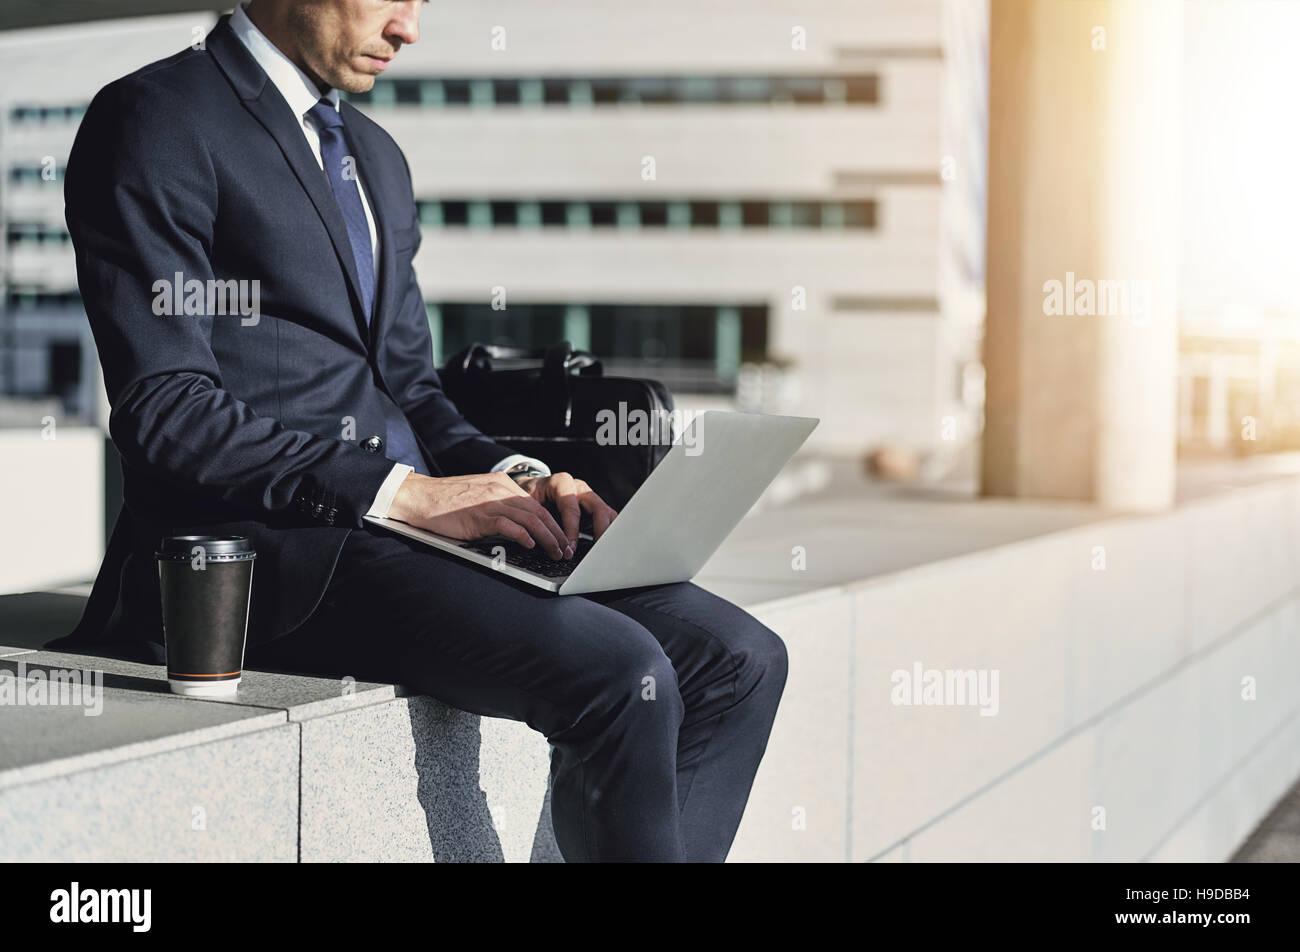 El empresario mientras escribe en su cuaderno. Disparó al aire libre horizontal Imagen De Stock